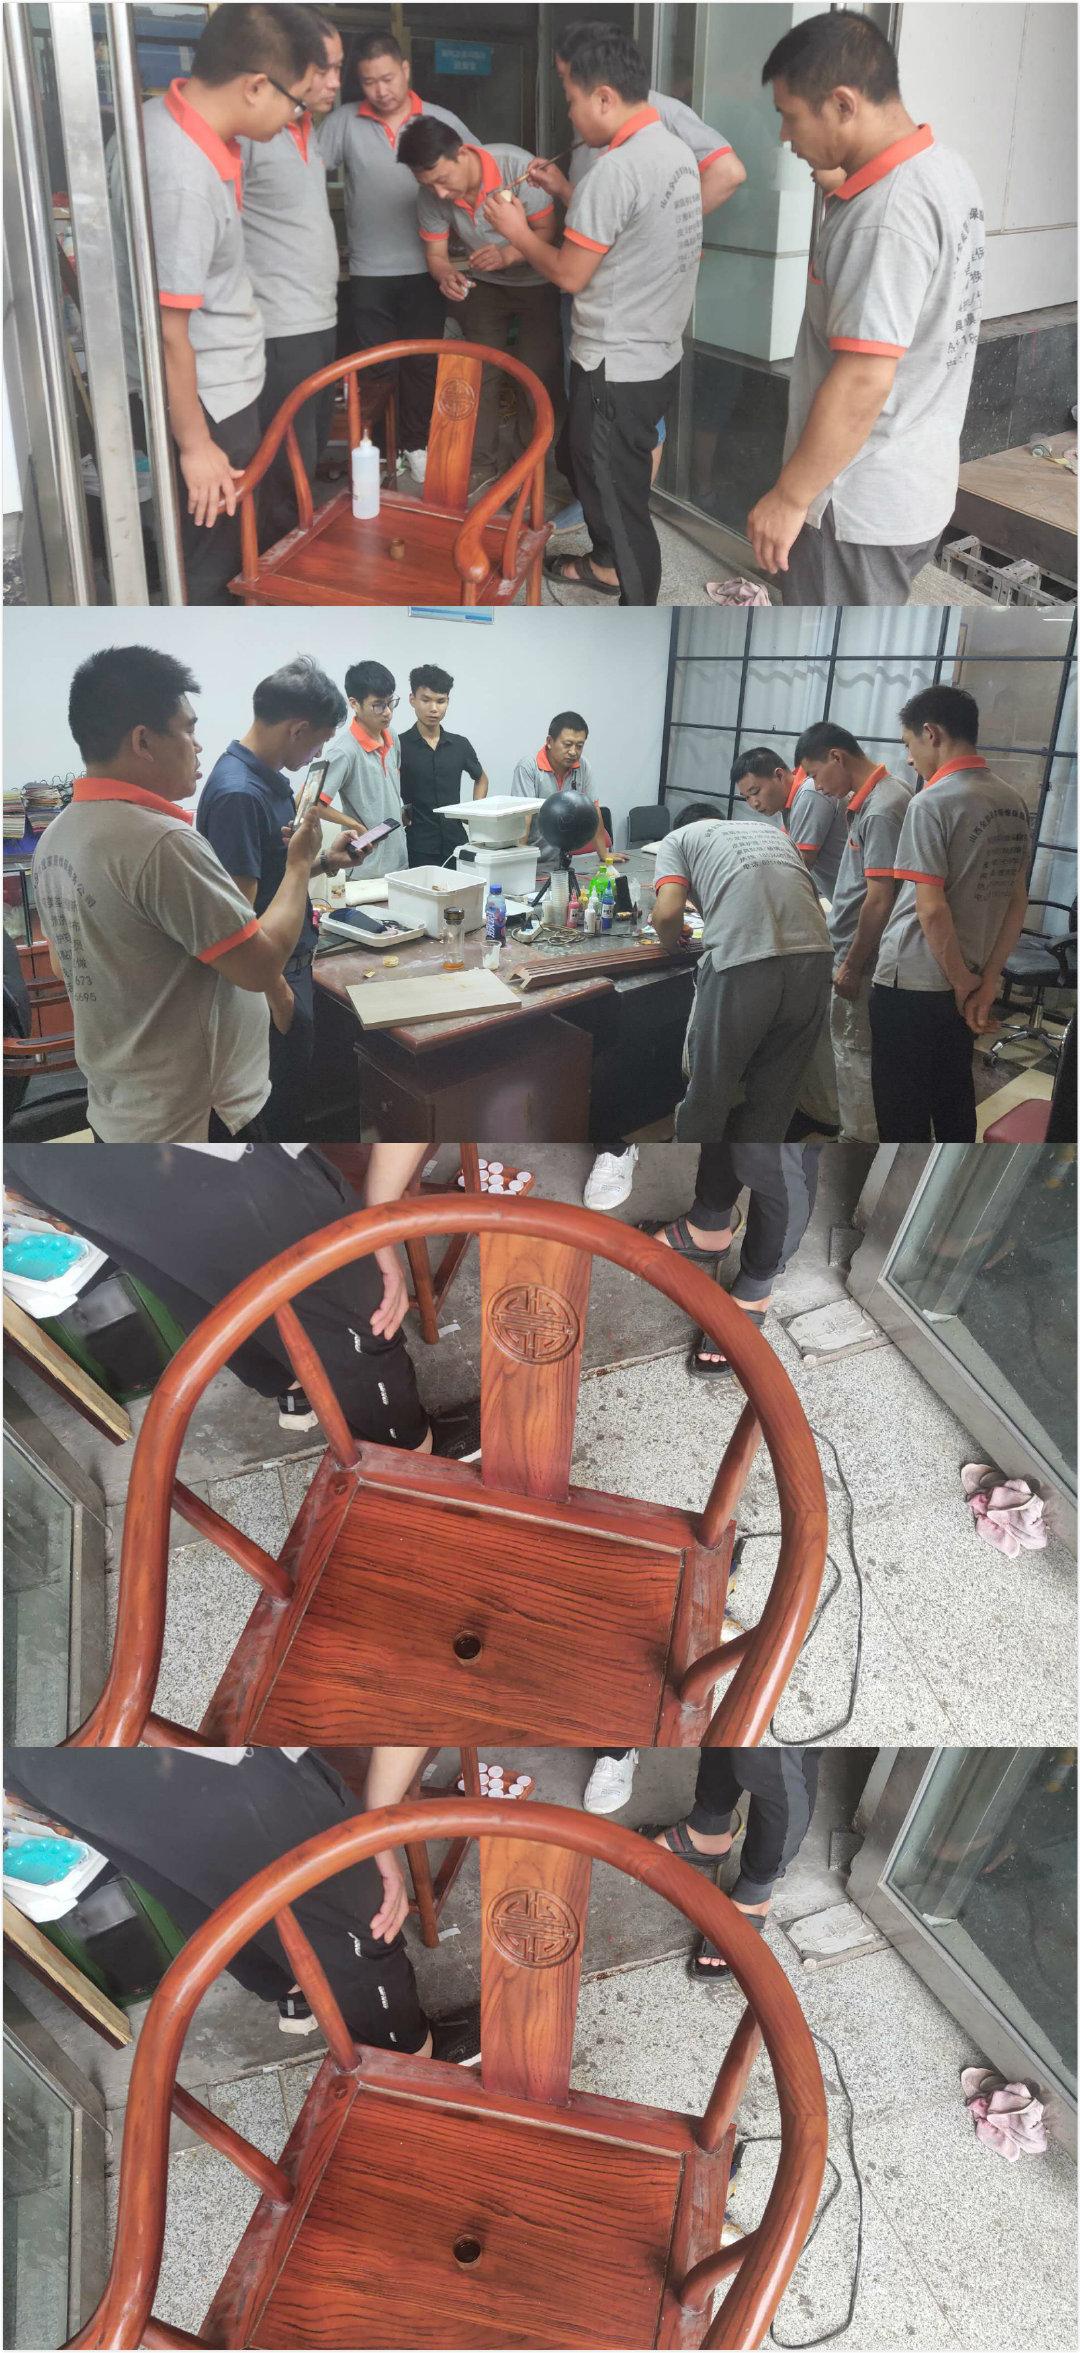 今天给大家分享我们家具维修师傅与学员的日常维修学习照片-家具美容网